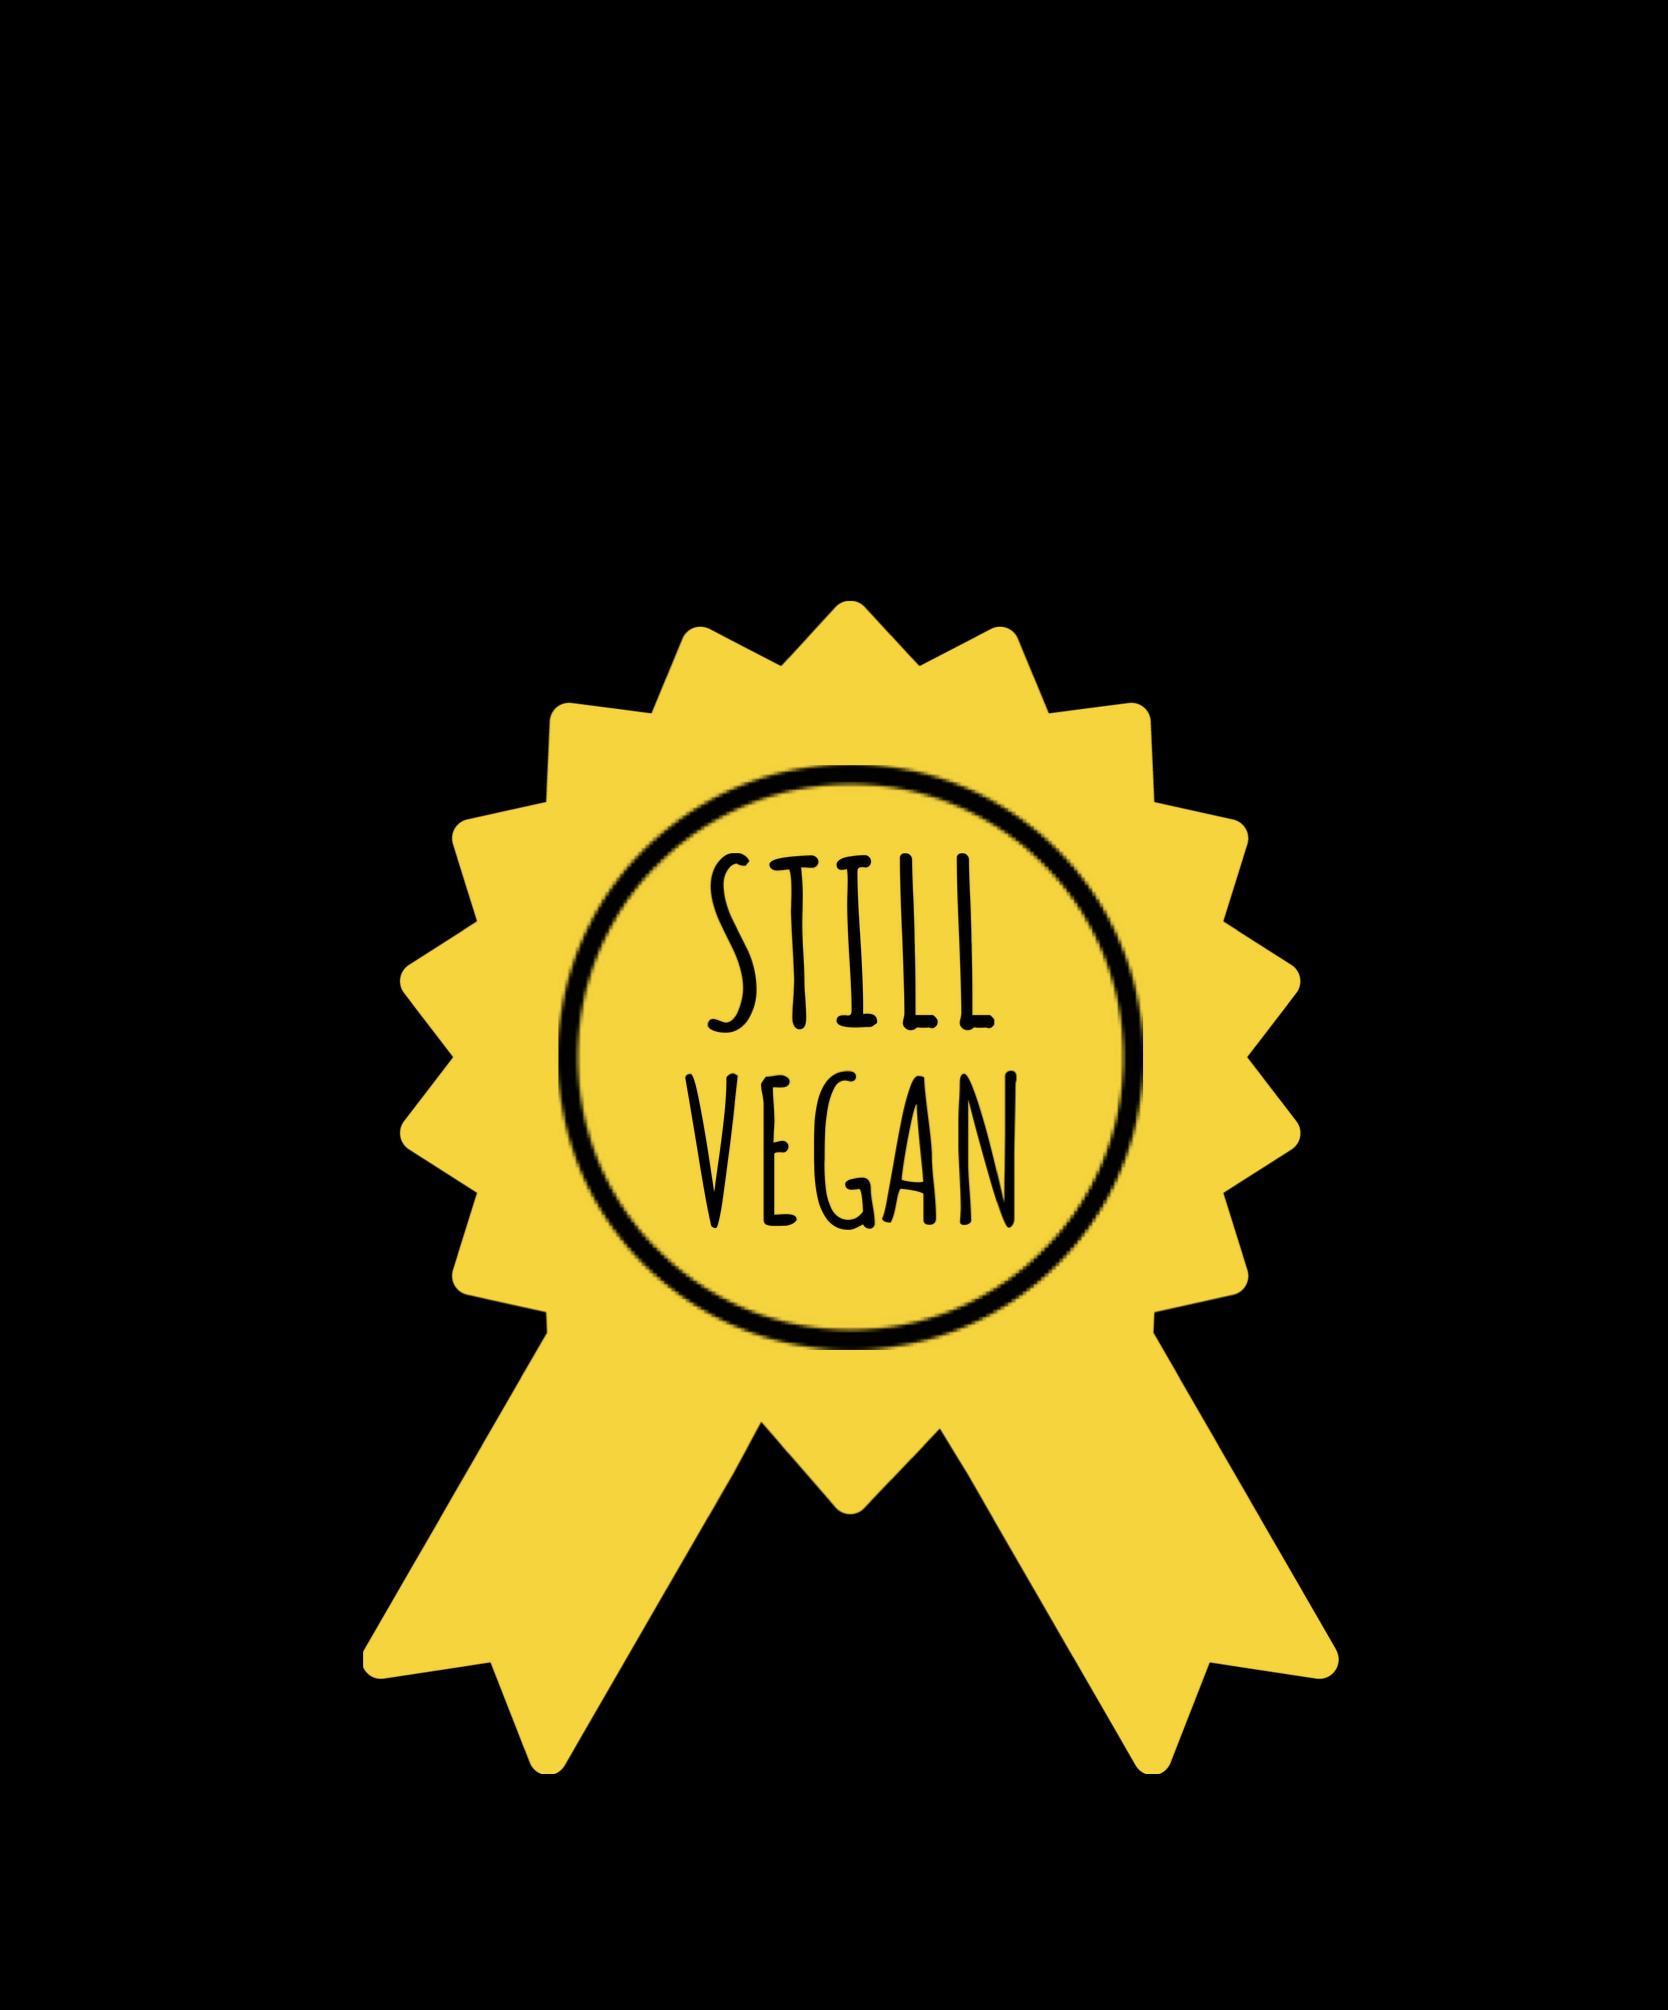 VeggiesRLife messages sticker-6